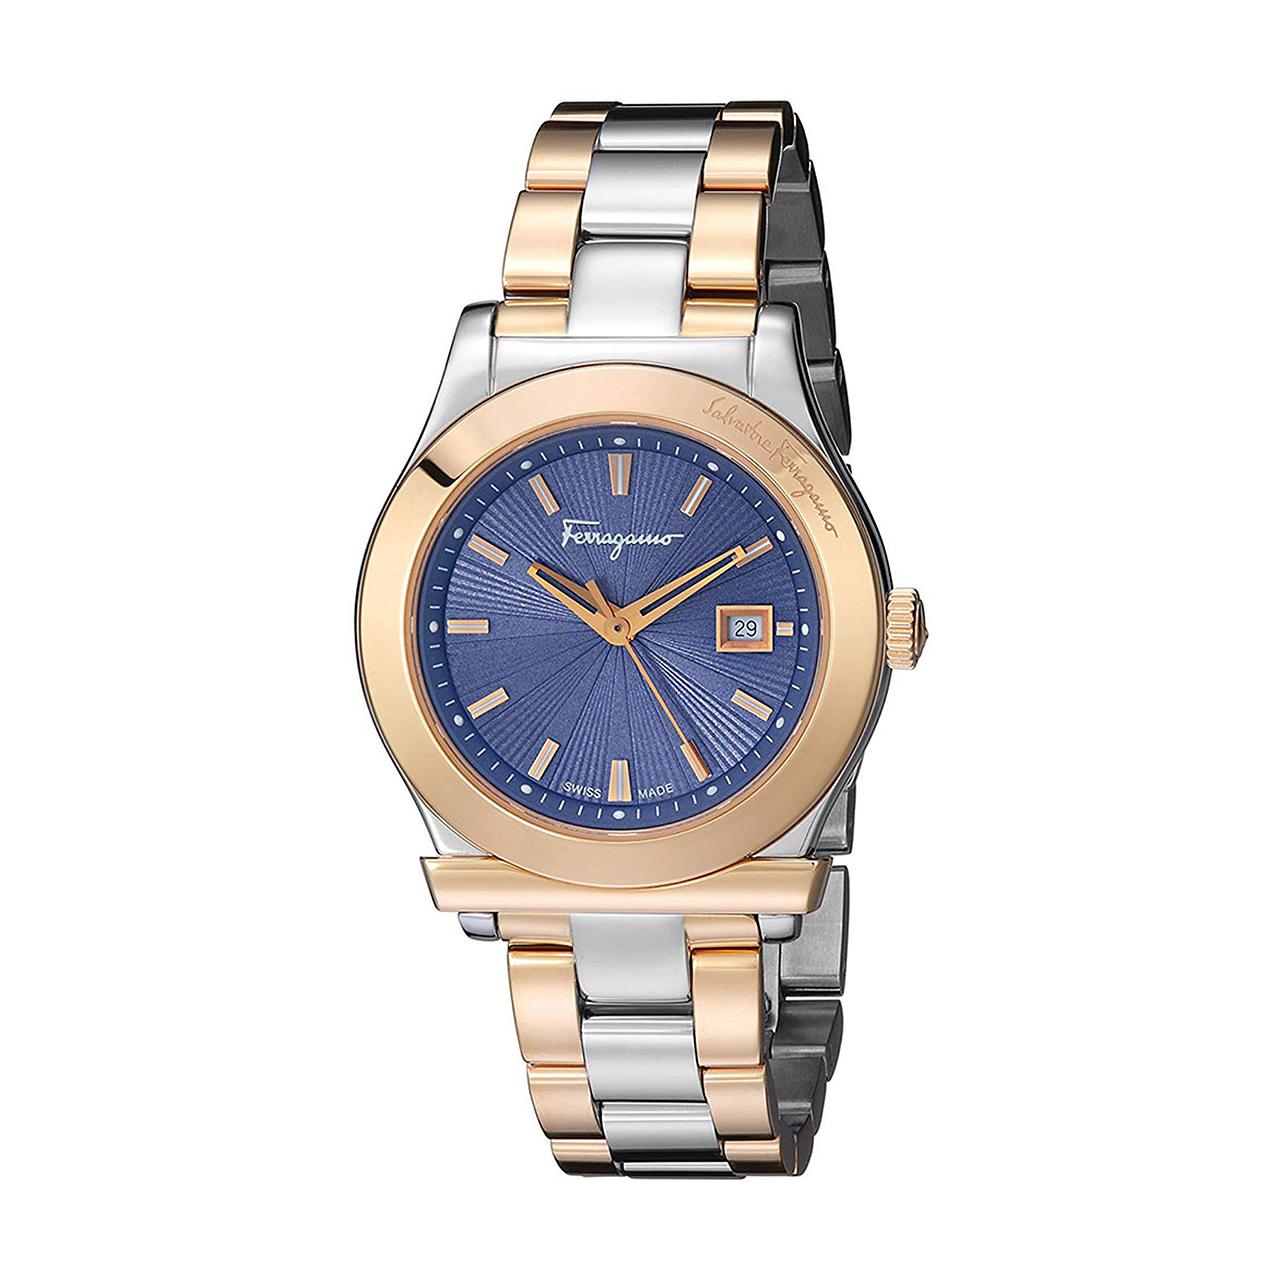 خرید ساعت مچی عقربه ای زنانه سالواتوره فراگامو مدل FF3250015